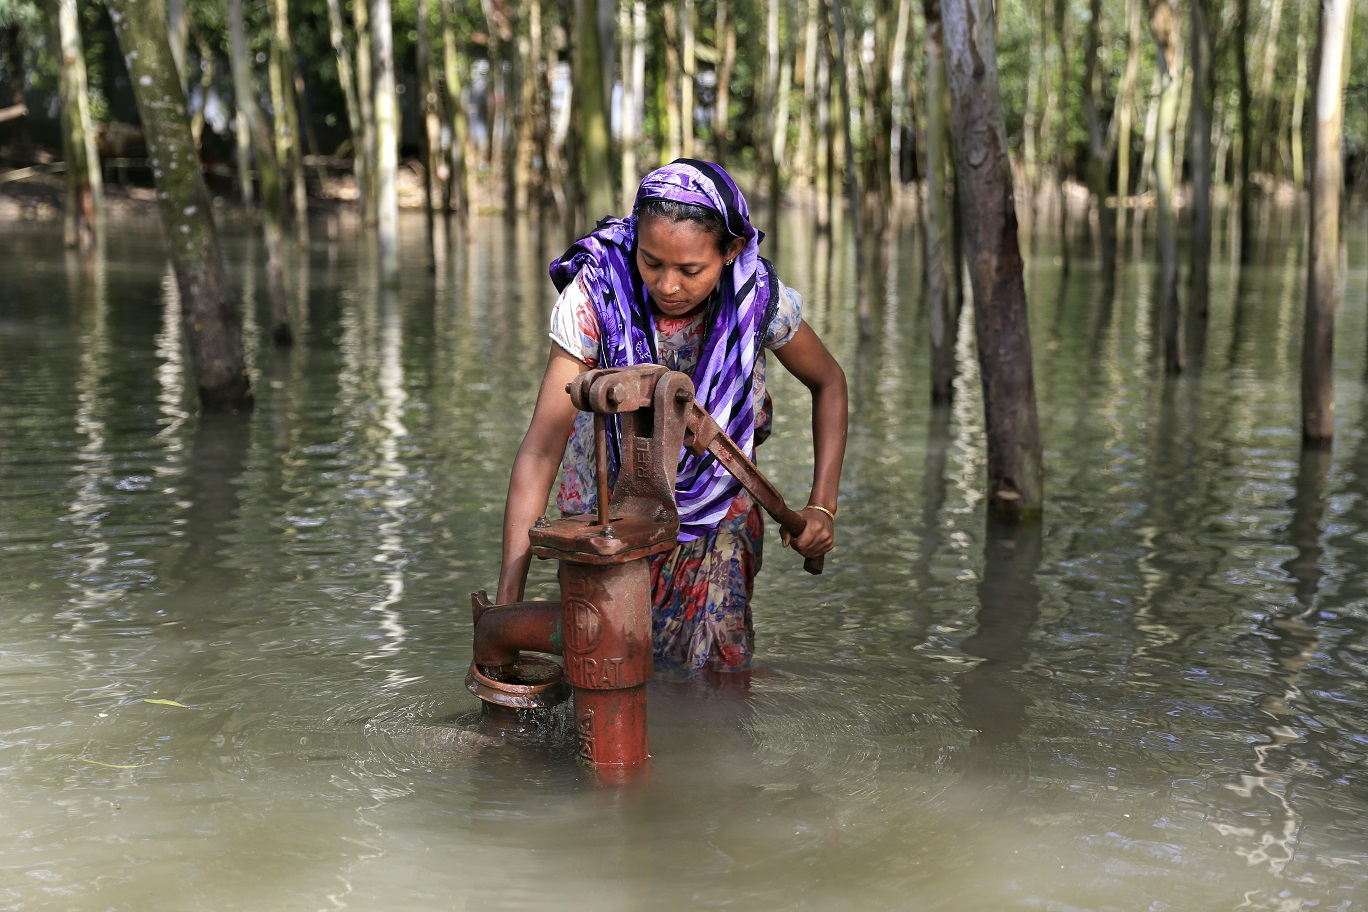 Em Bangladesh, a jovem Salma coleta água para abastecer a família. As doenças de veiculação hídrica estão entre as principais causas de mortalidade infantil. Foto Mushfiqul Alam/NurPhoto